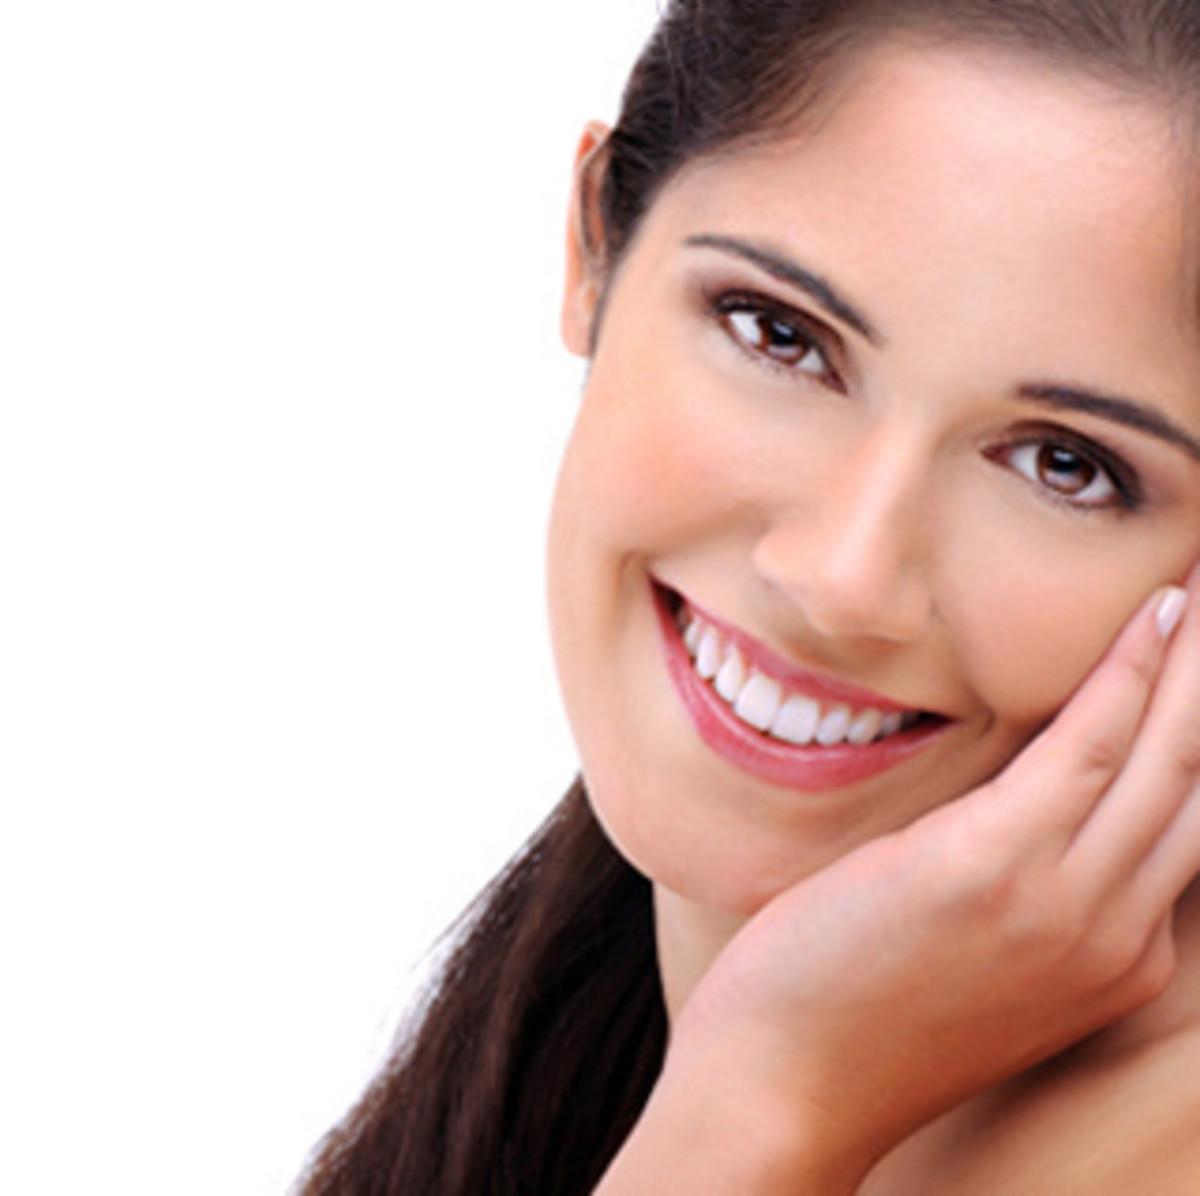 peau fraîche en bonne santé sera votre récompense.